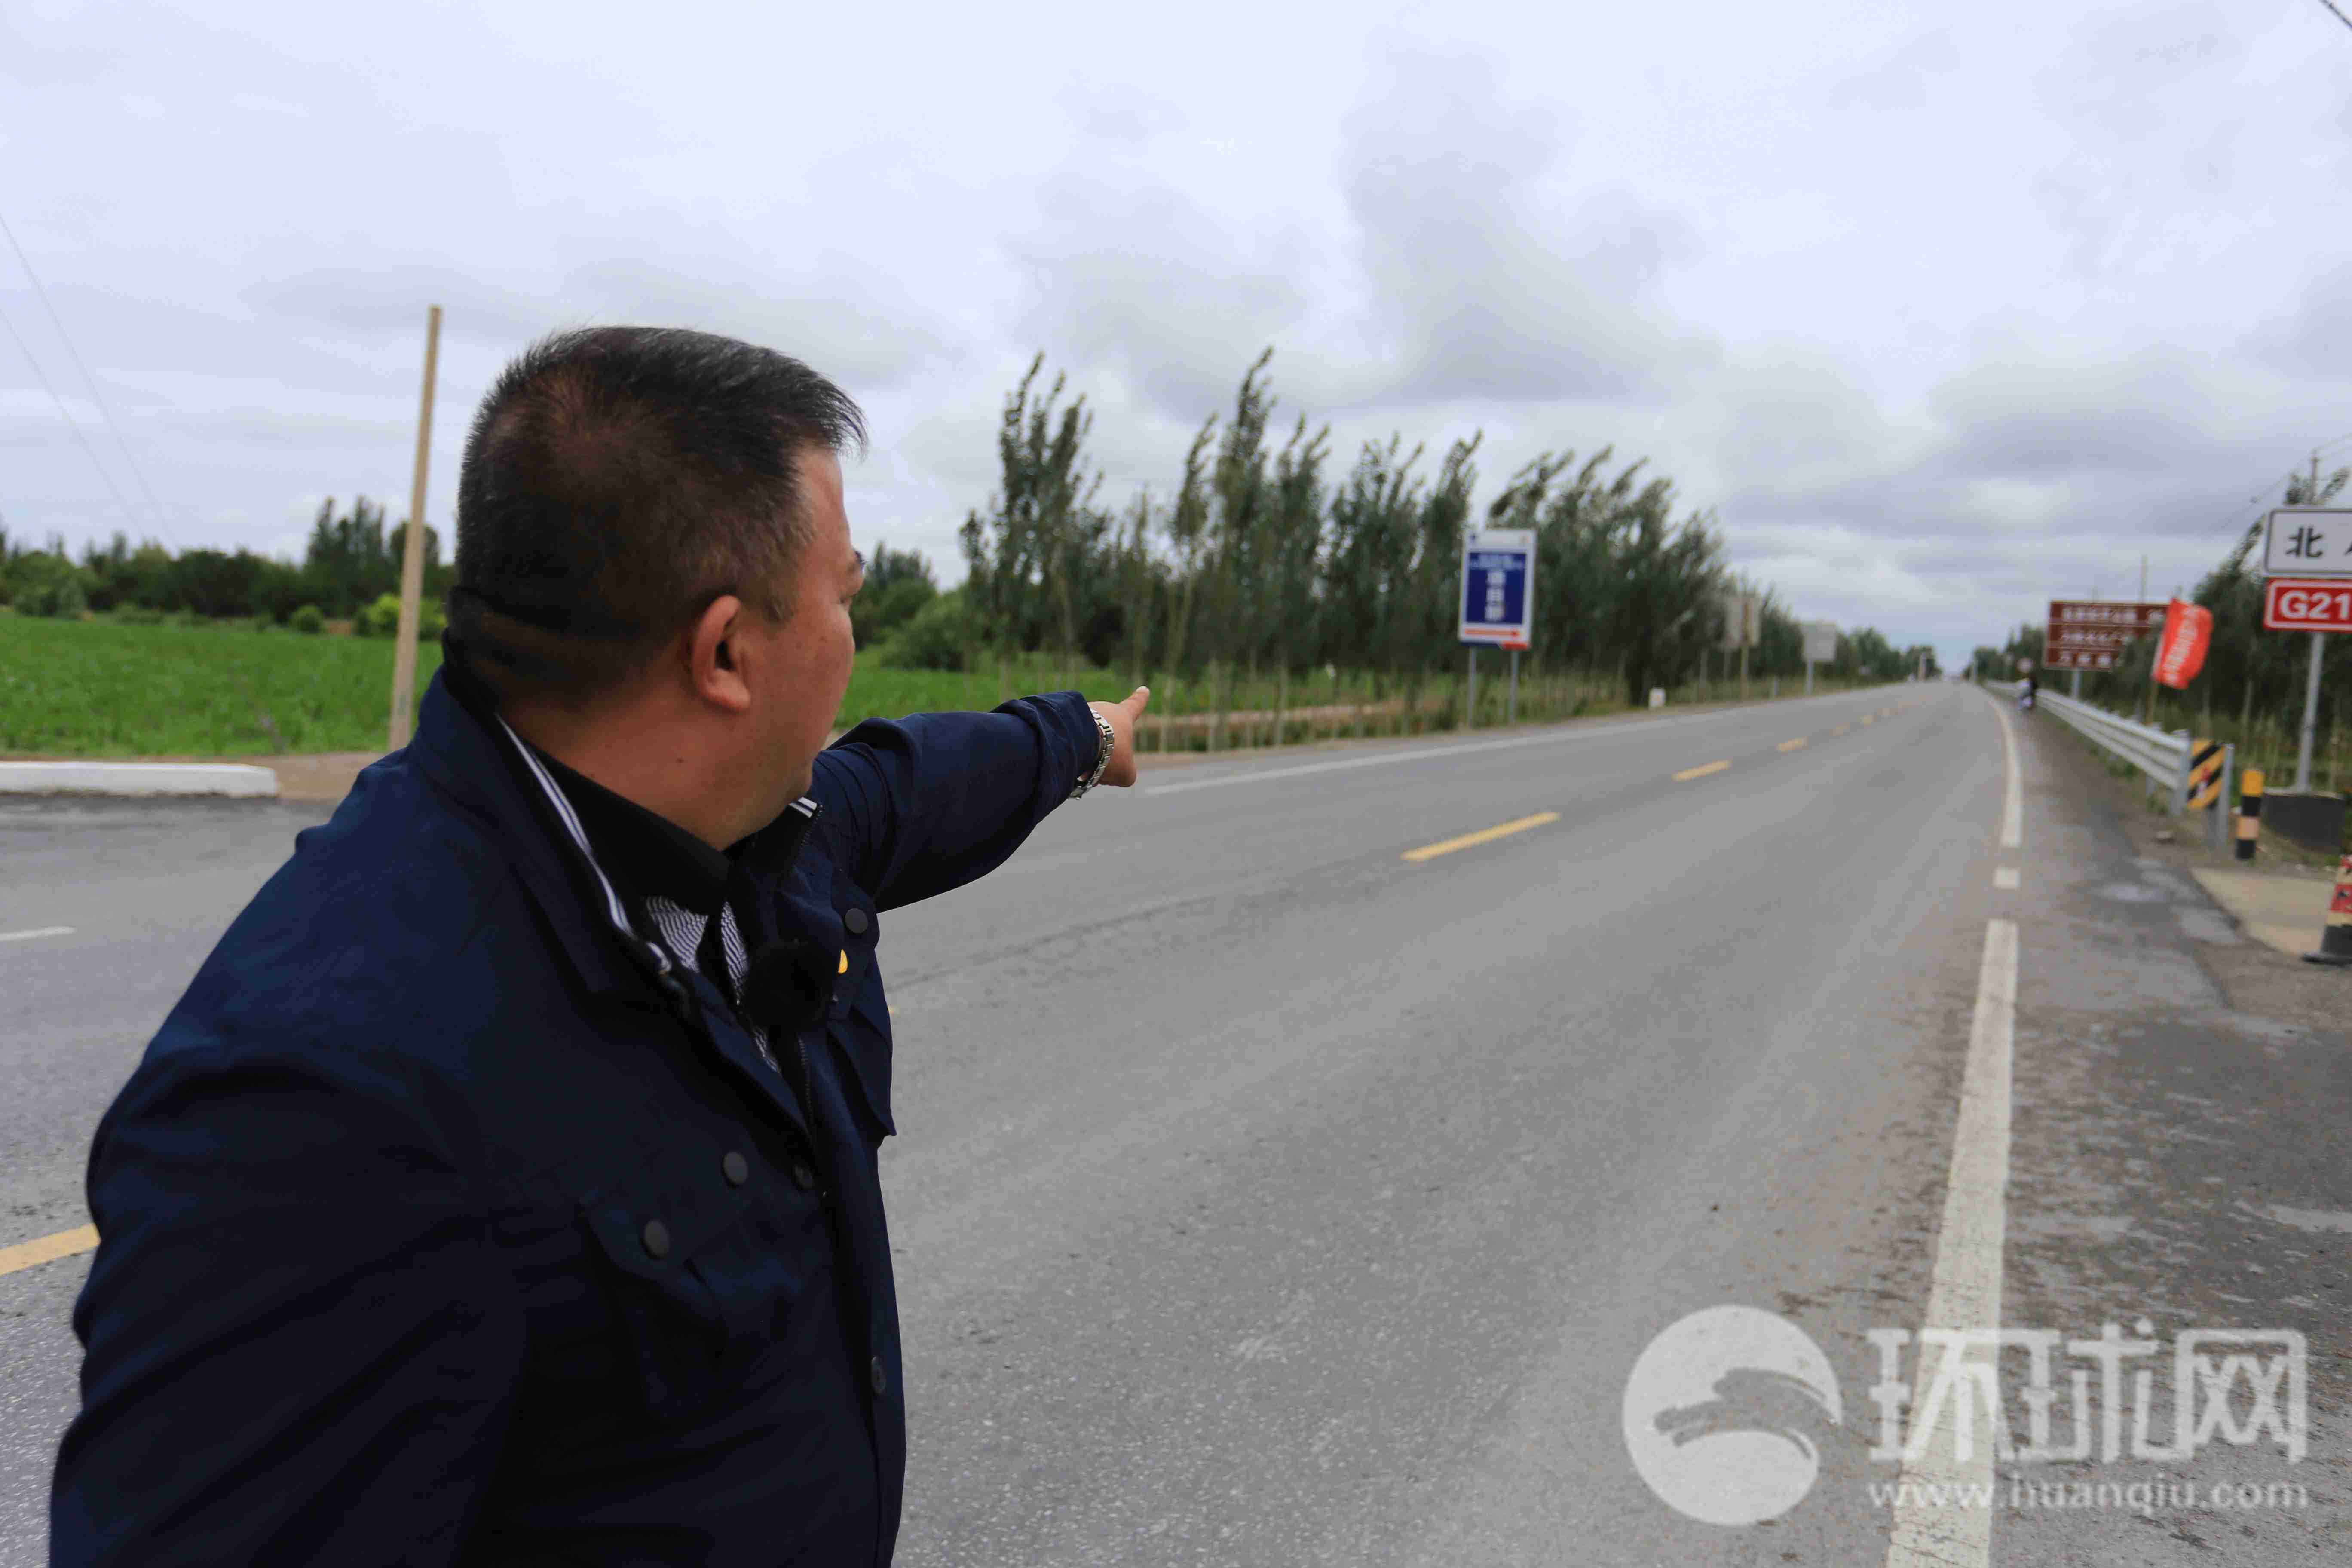 努尔麦麦提手指的方向,就是当年暴徒跟公安干警对峙的地方。摄影 范凌志